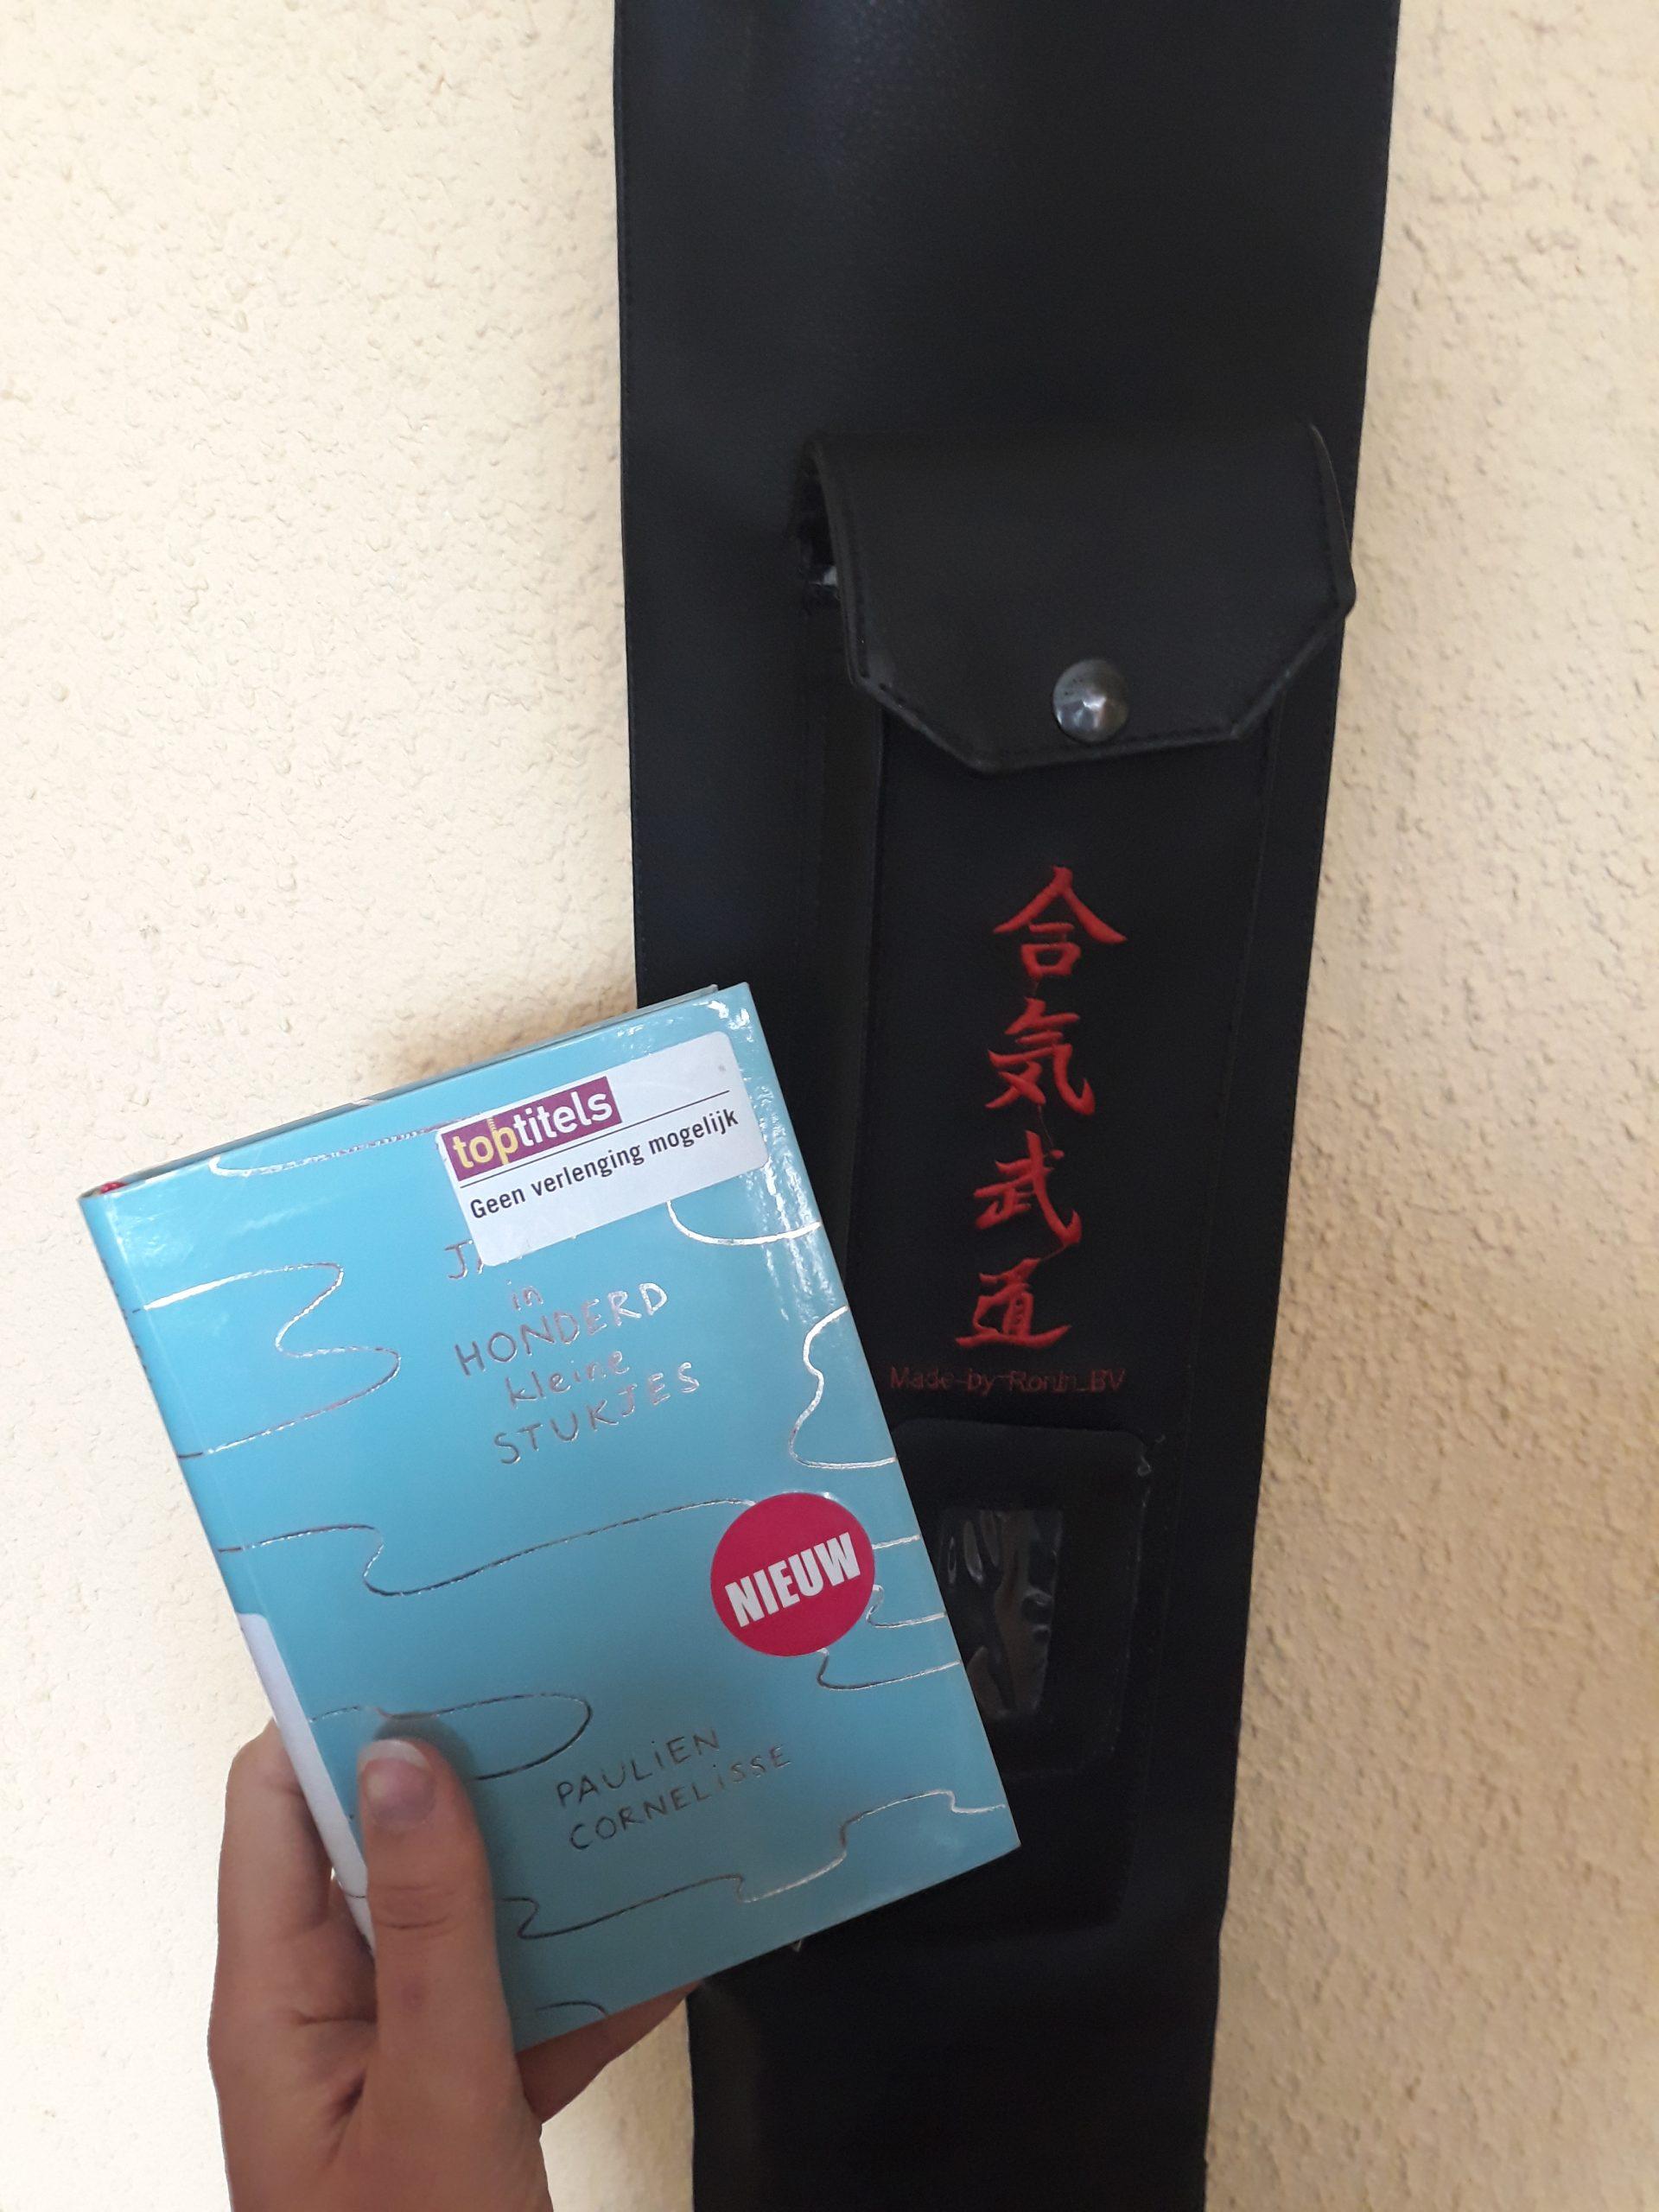 Boekrecensie: Japan in honderd kleine stukjes – Paulien Cornelisse